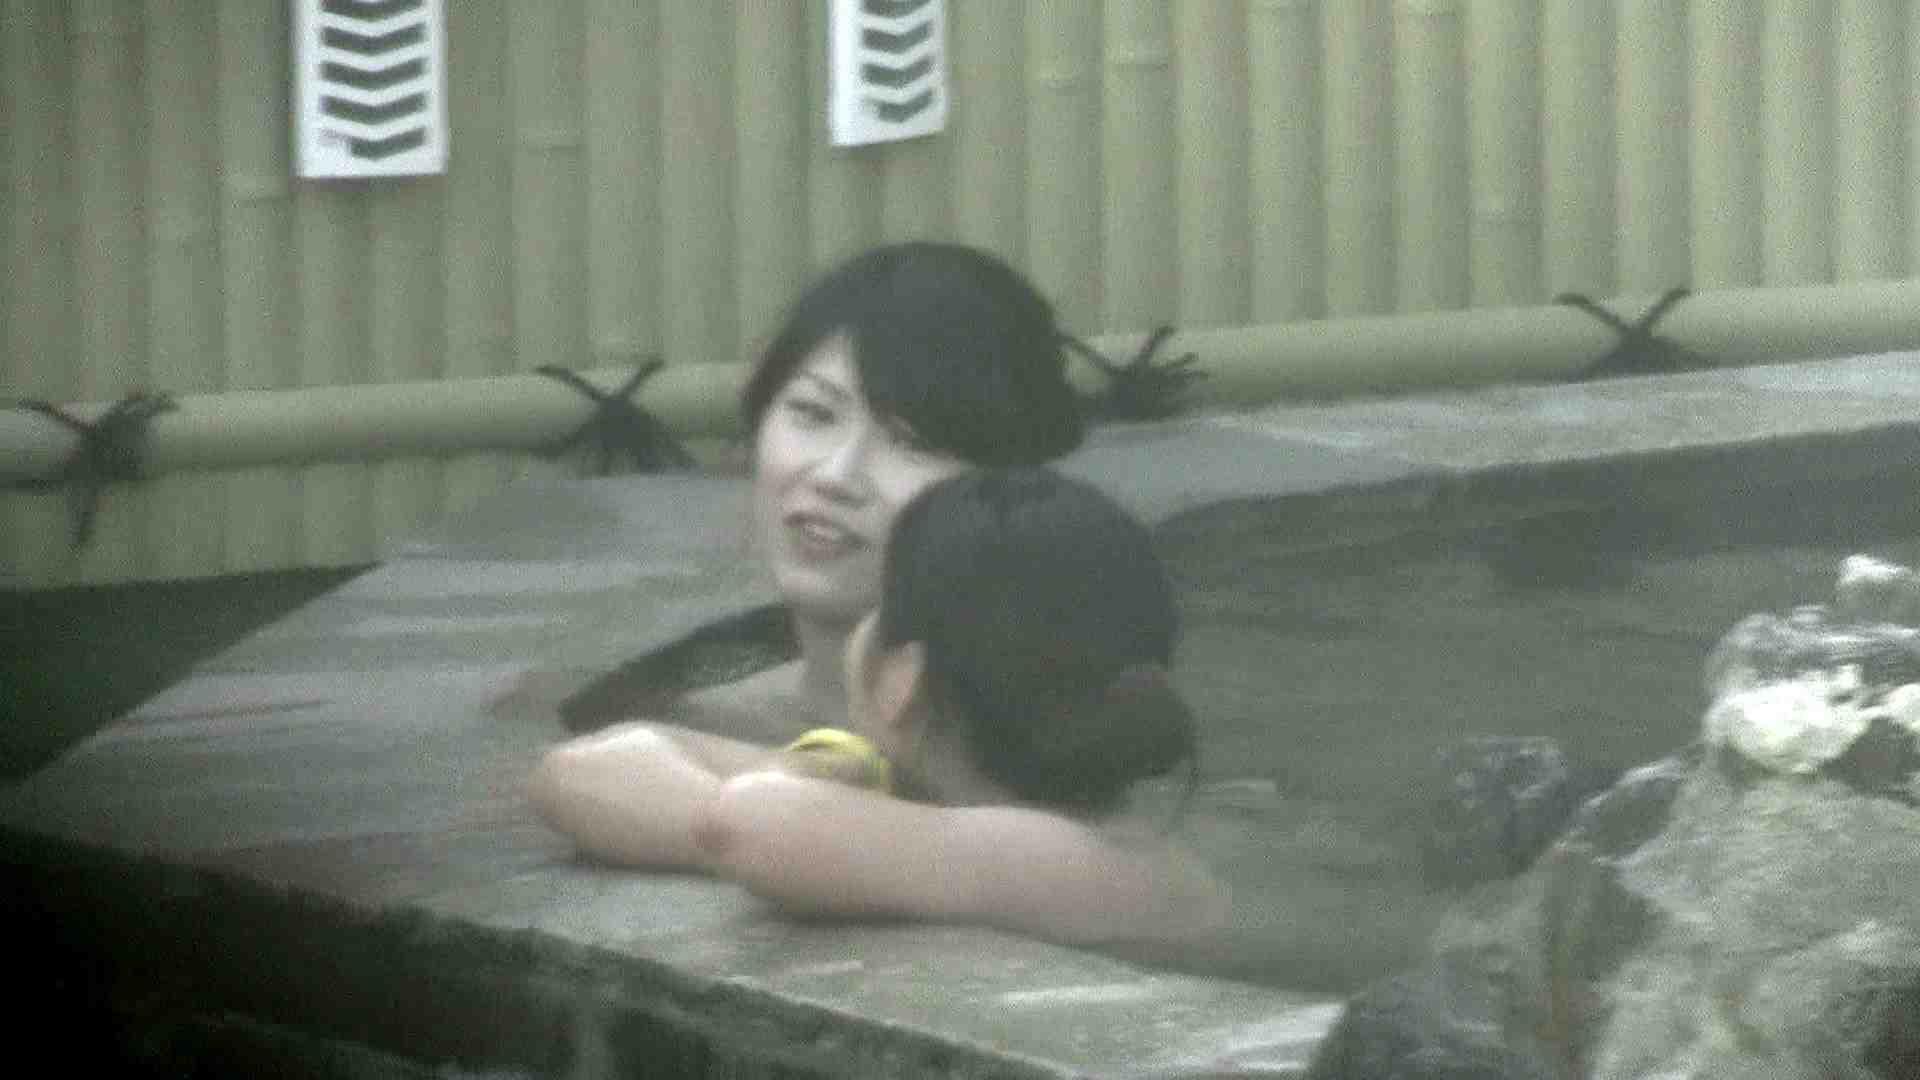 Aquaな露天風呂Vol.206 露天風呂 われめAV動画紹介 87連発 41